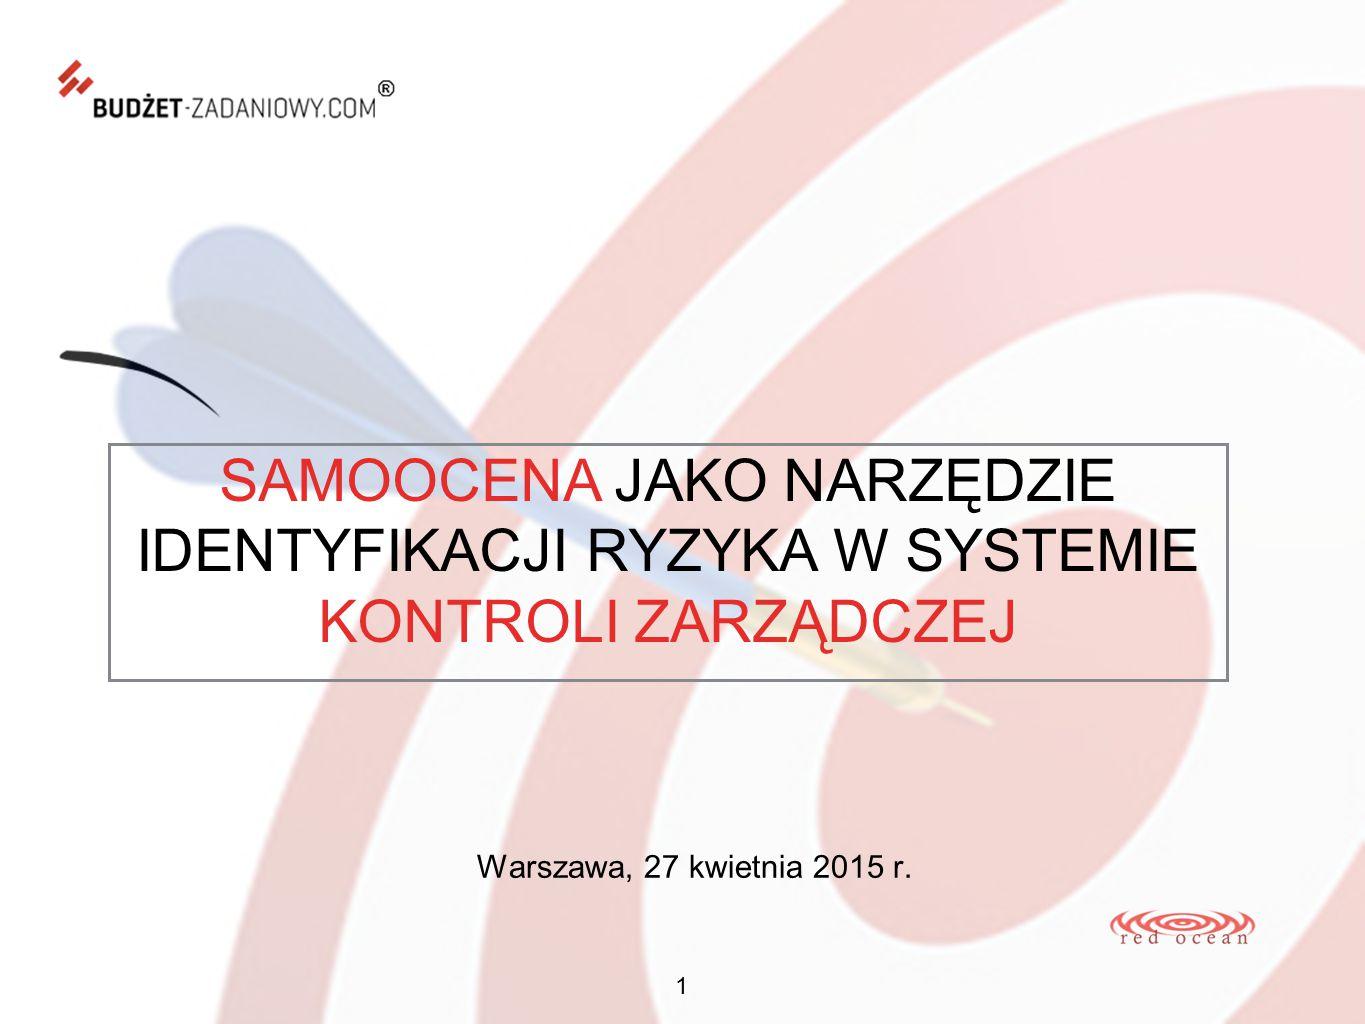 SAMOOCENA JAKO NARZĘDZIE IDENTYFIKACJI RYZYKA W SYSTEMIE KONTROLI ZARZĄDCZEJ 1 Warszawa, 27 kwietnia 2015 r.